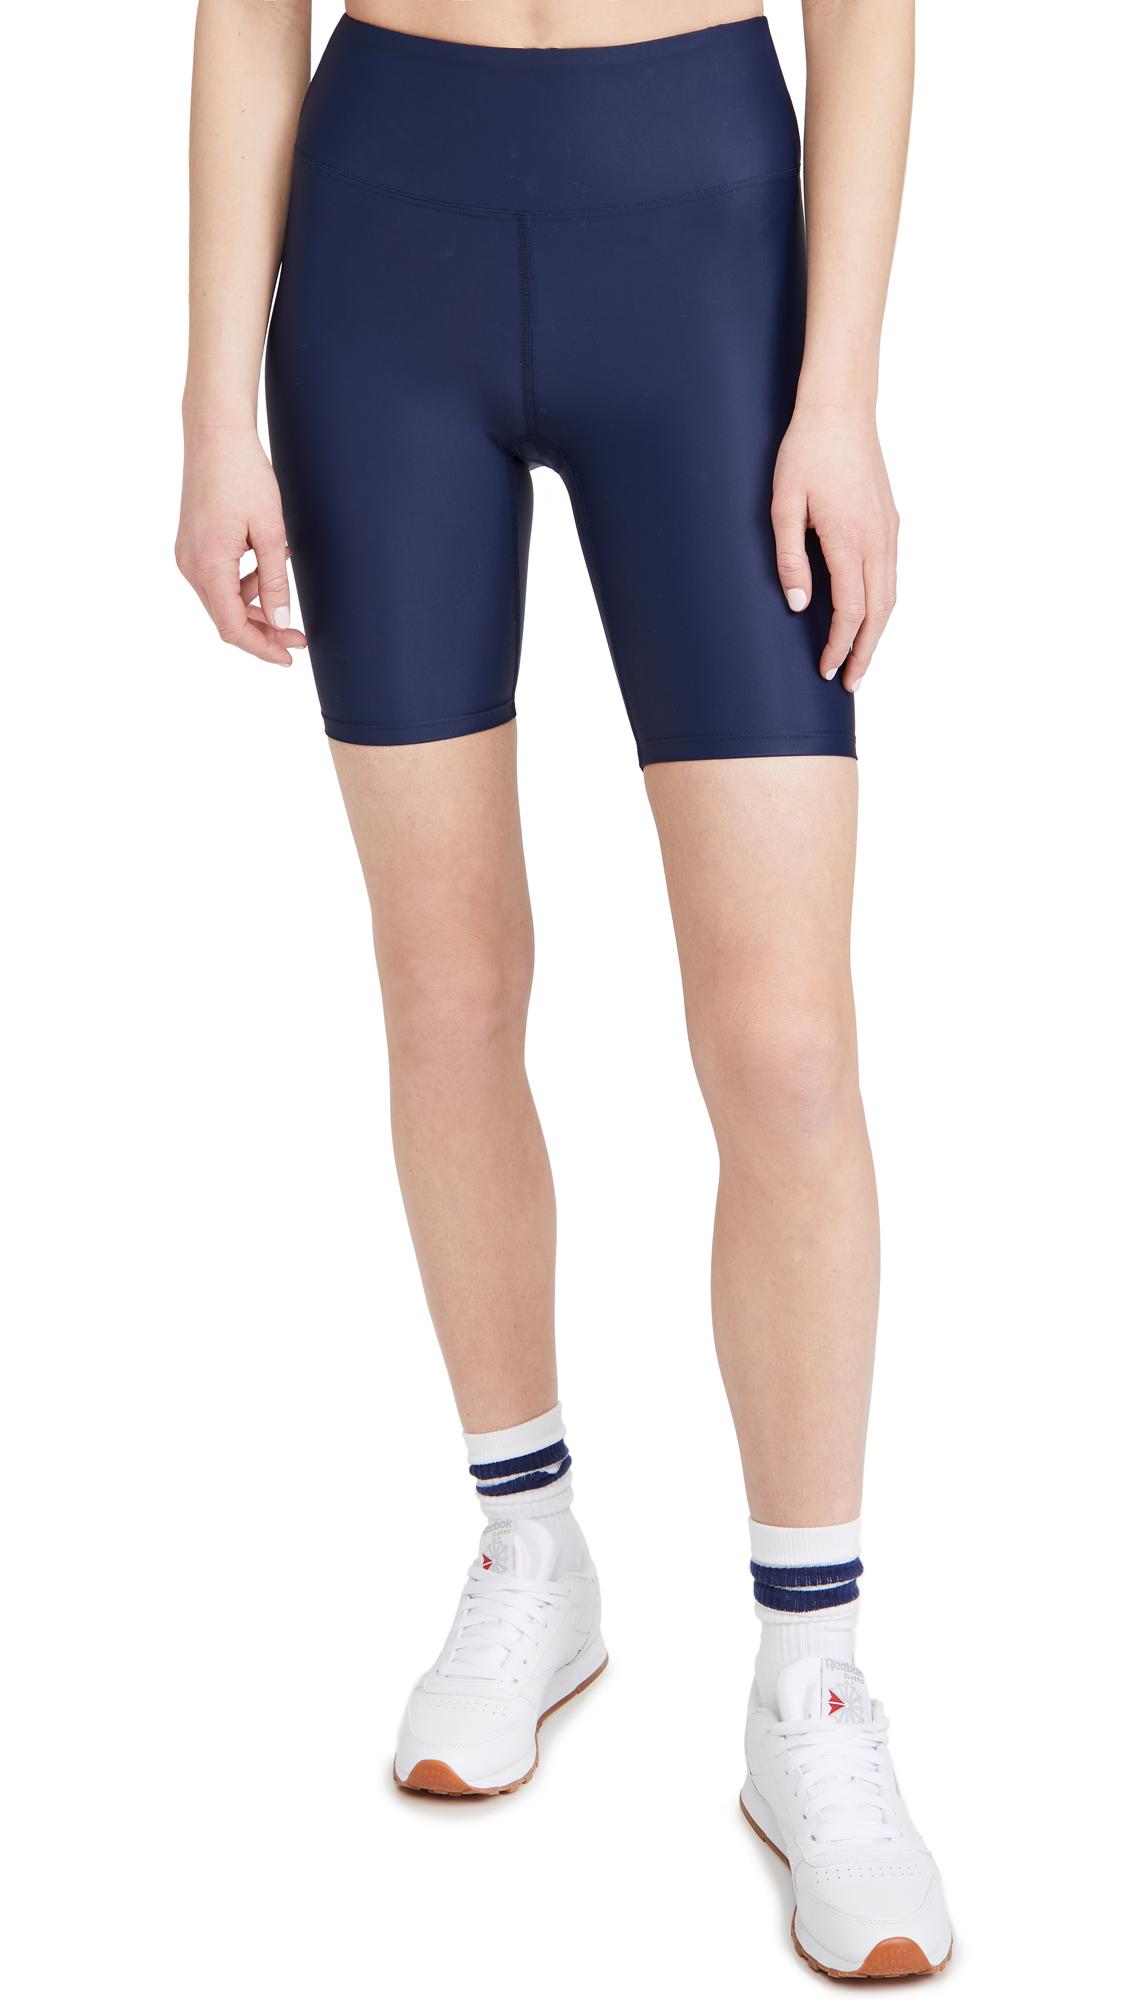 Heroine Sport Leggings BODY SHORTS